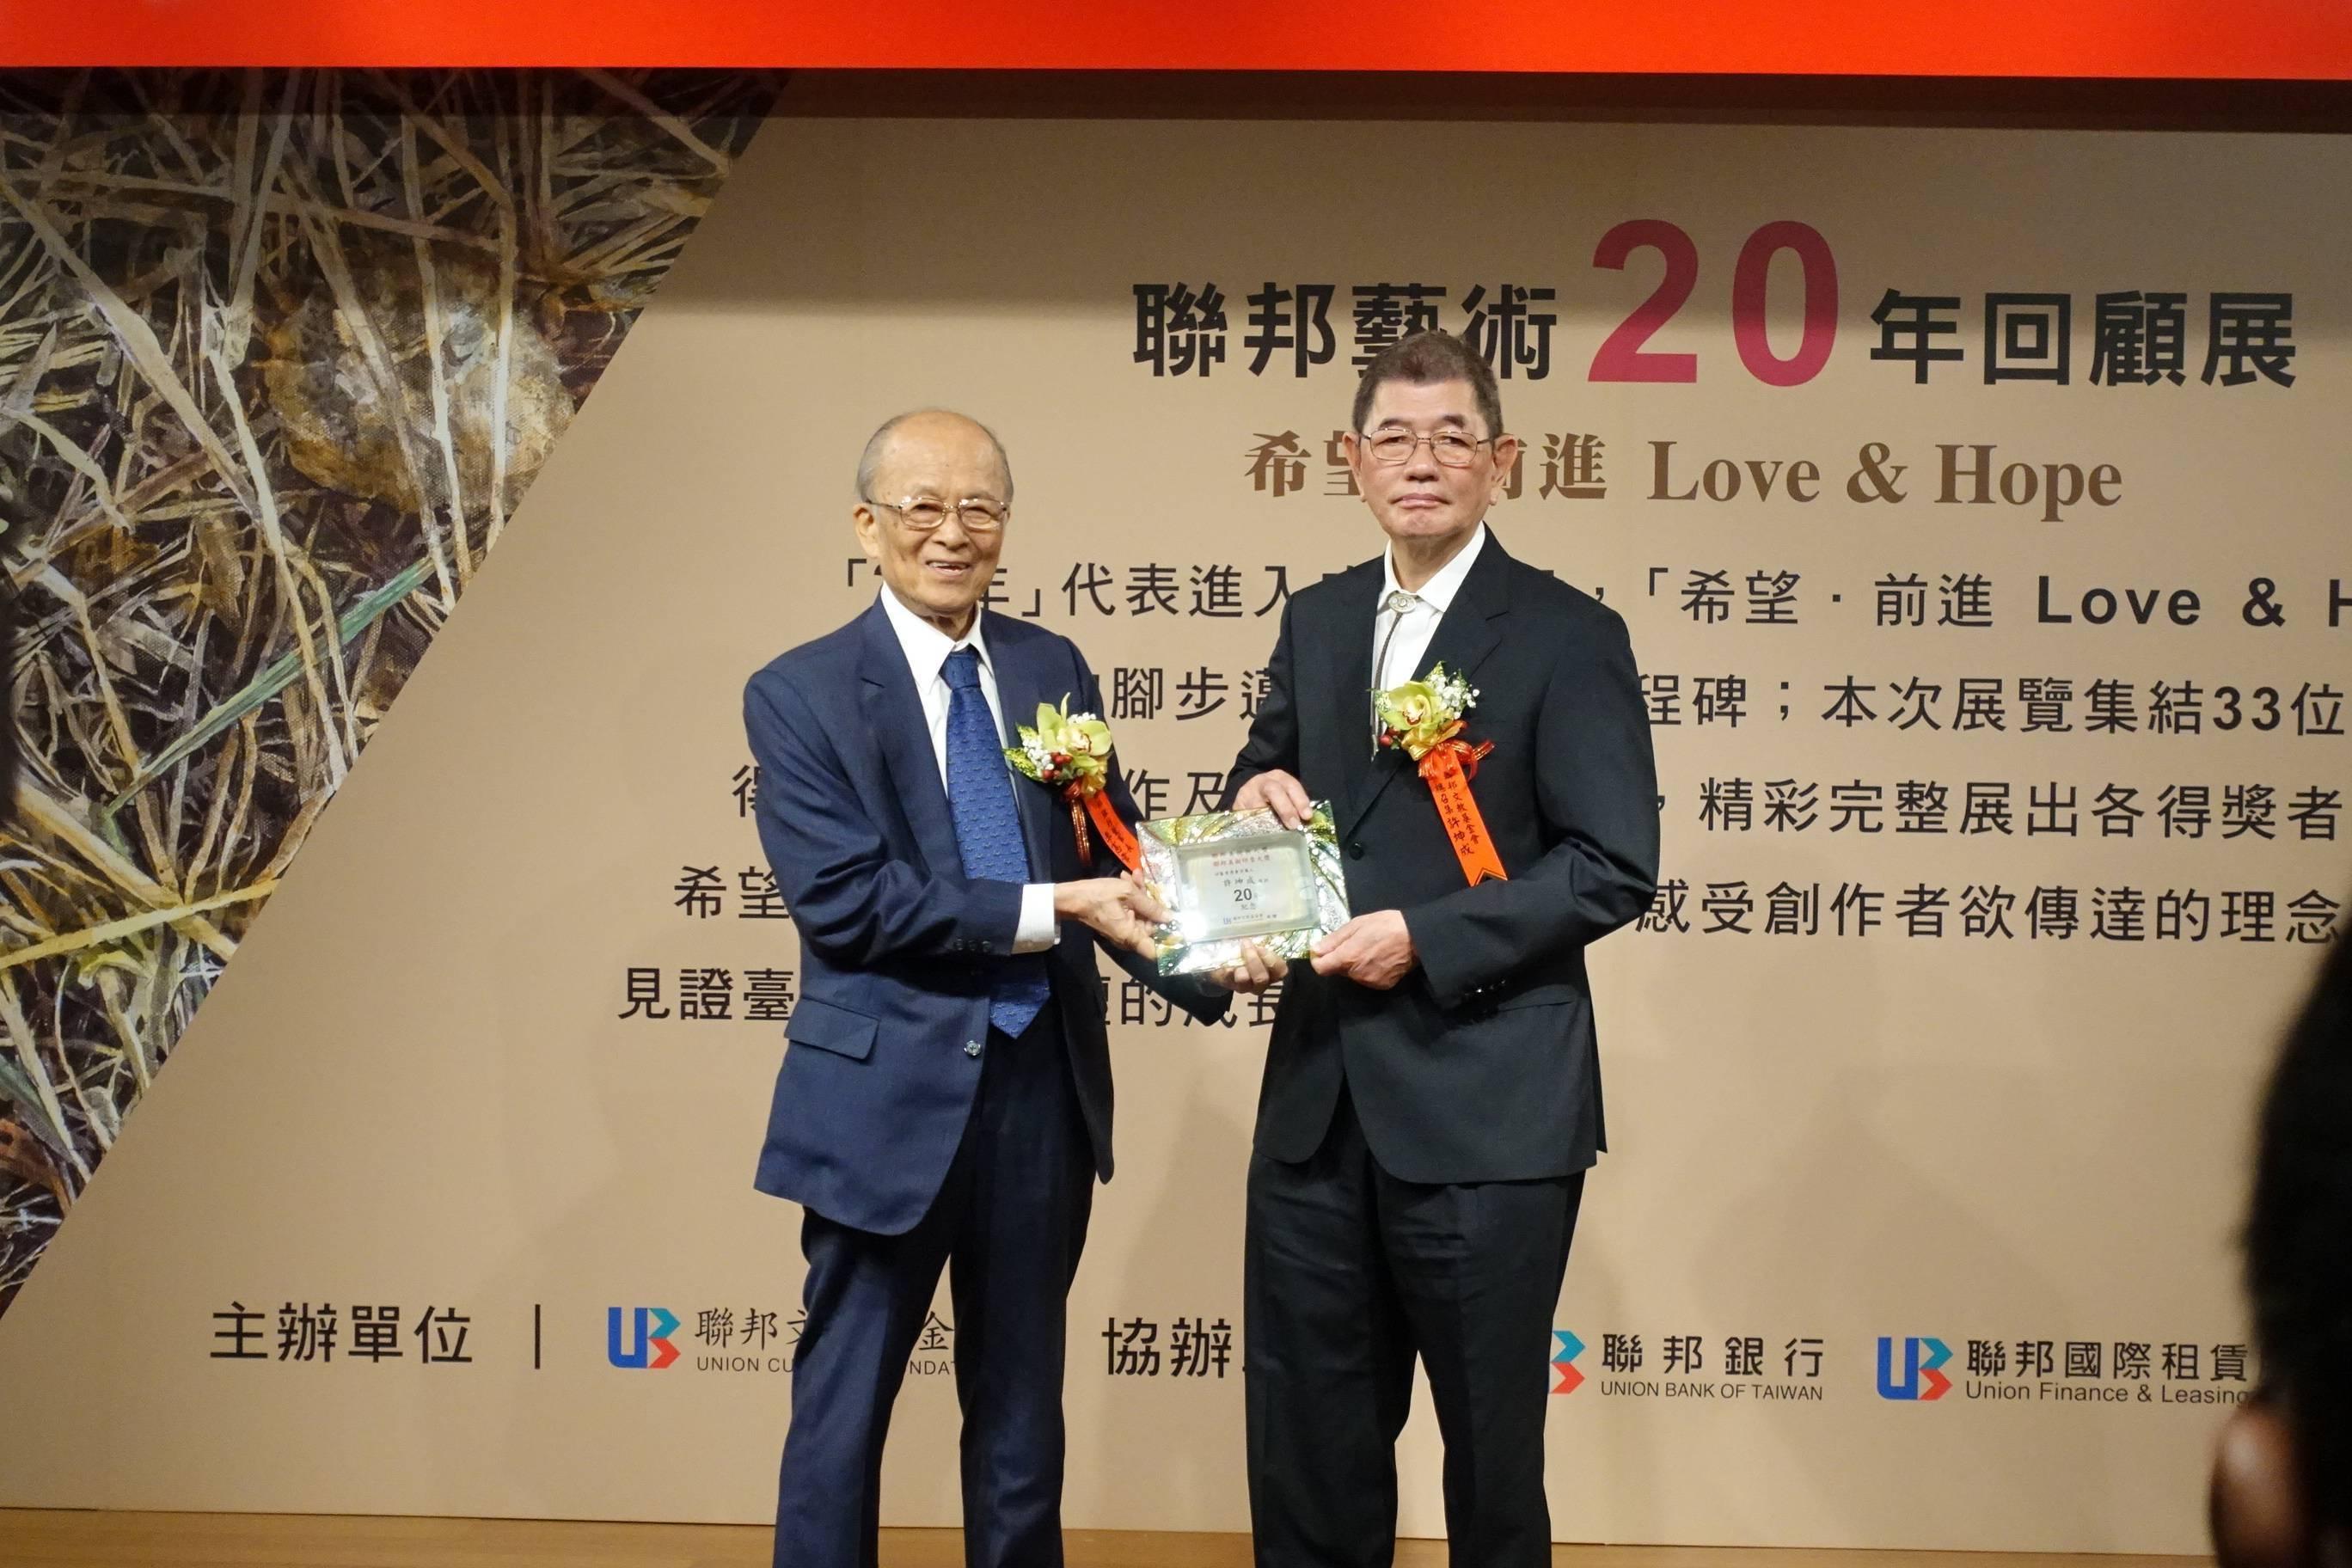 頒發獎牌給予聯邦美術獎召集人許坤成教授。